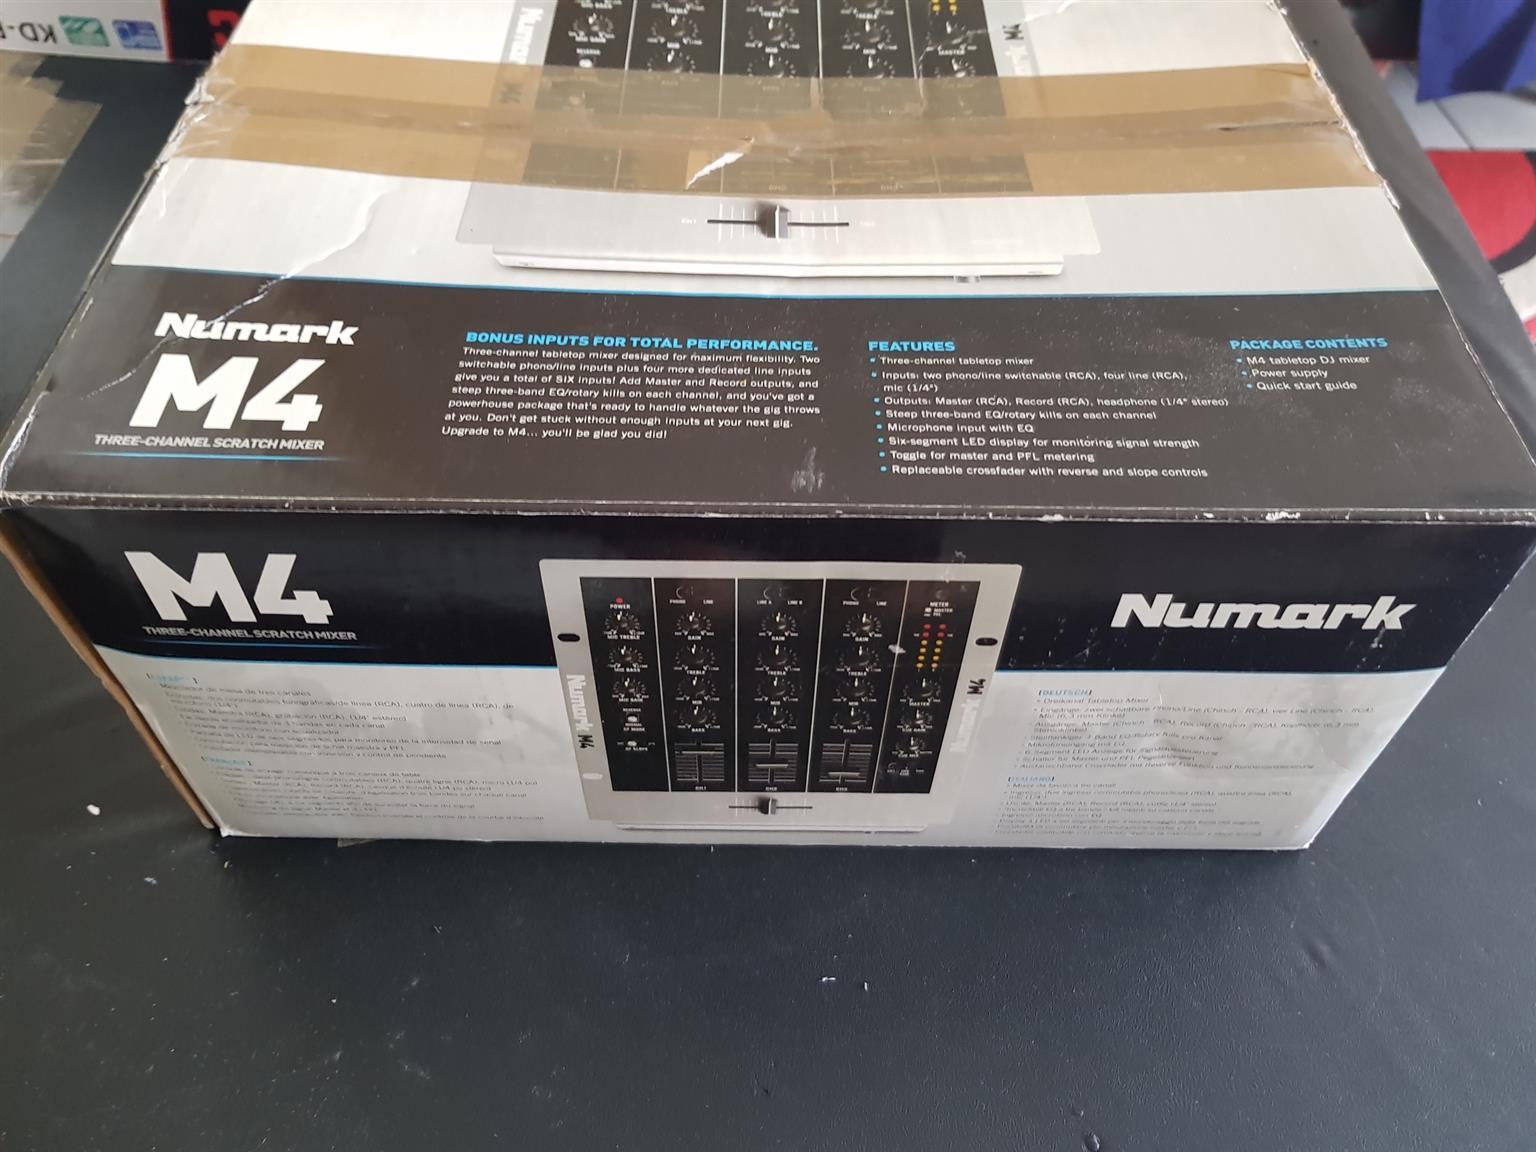 Numark M4 Mixer for SALE